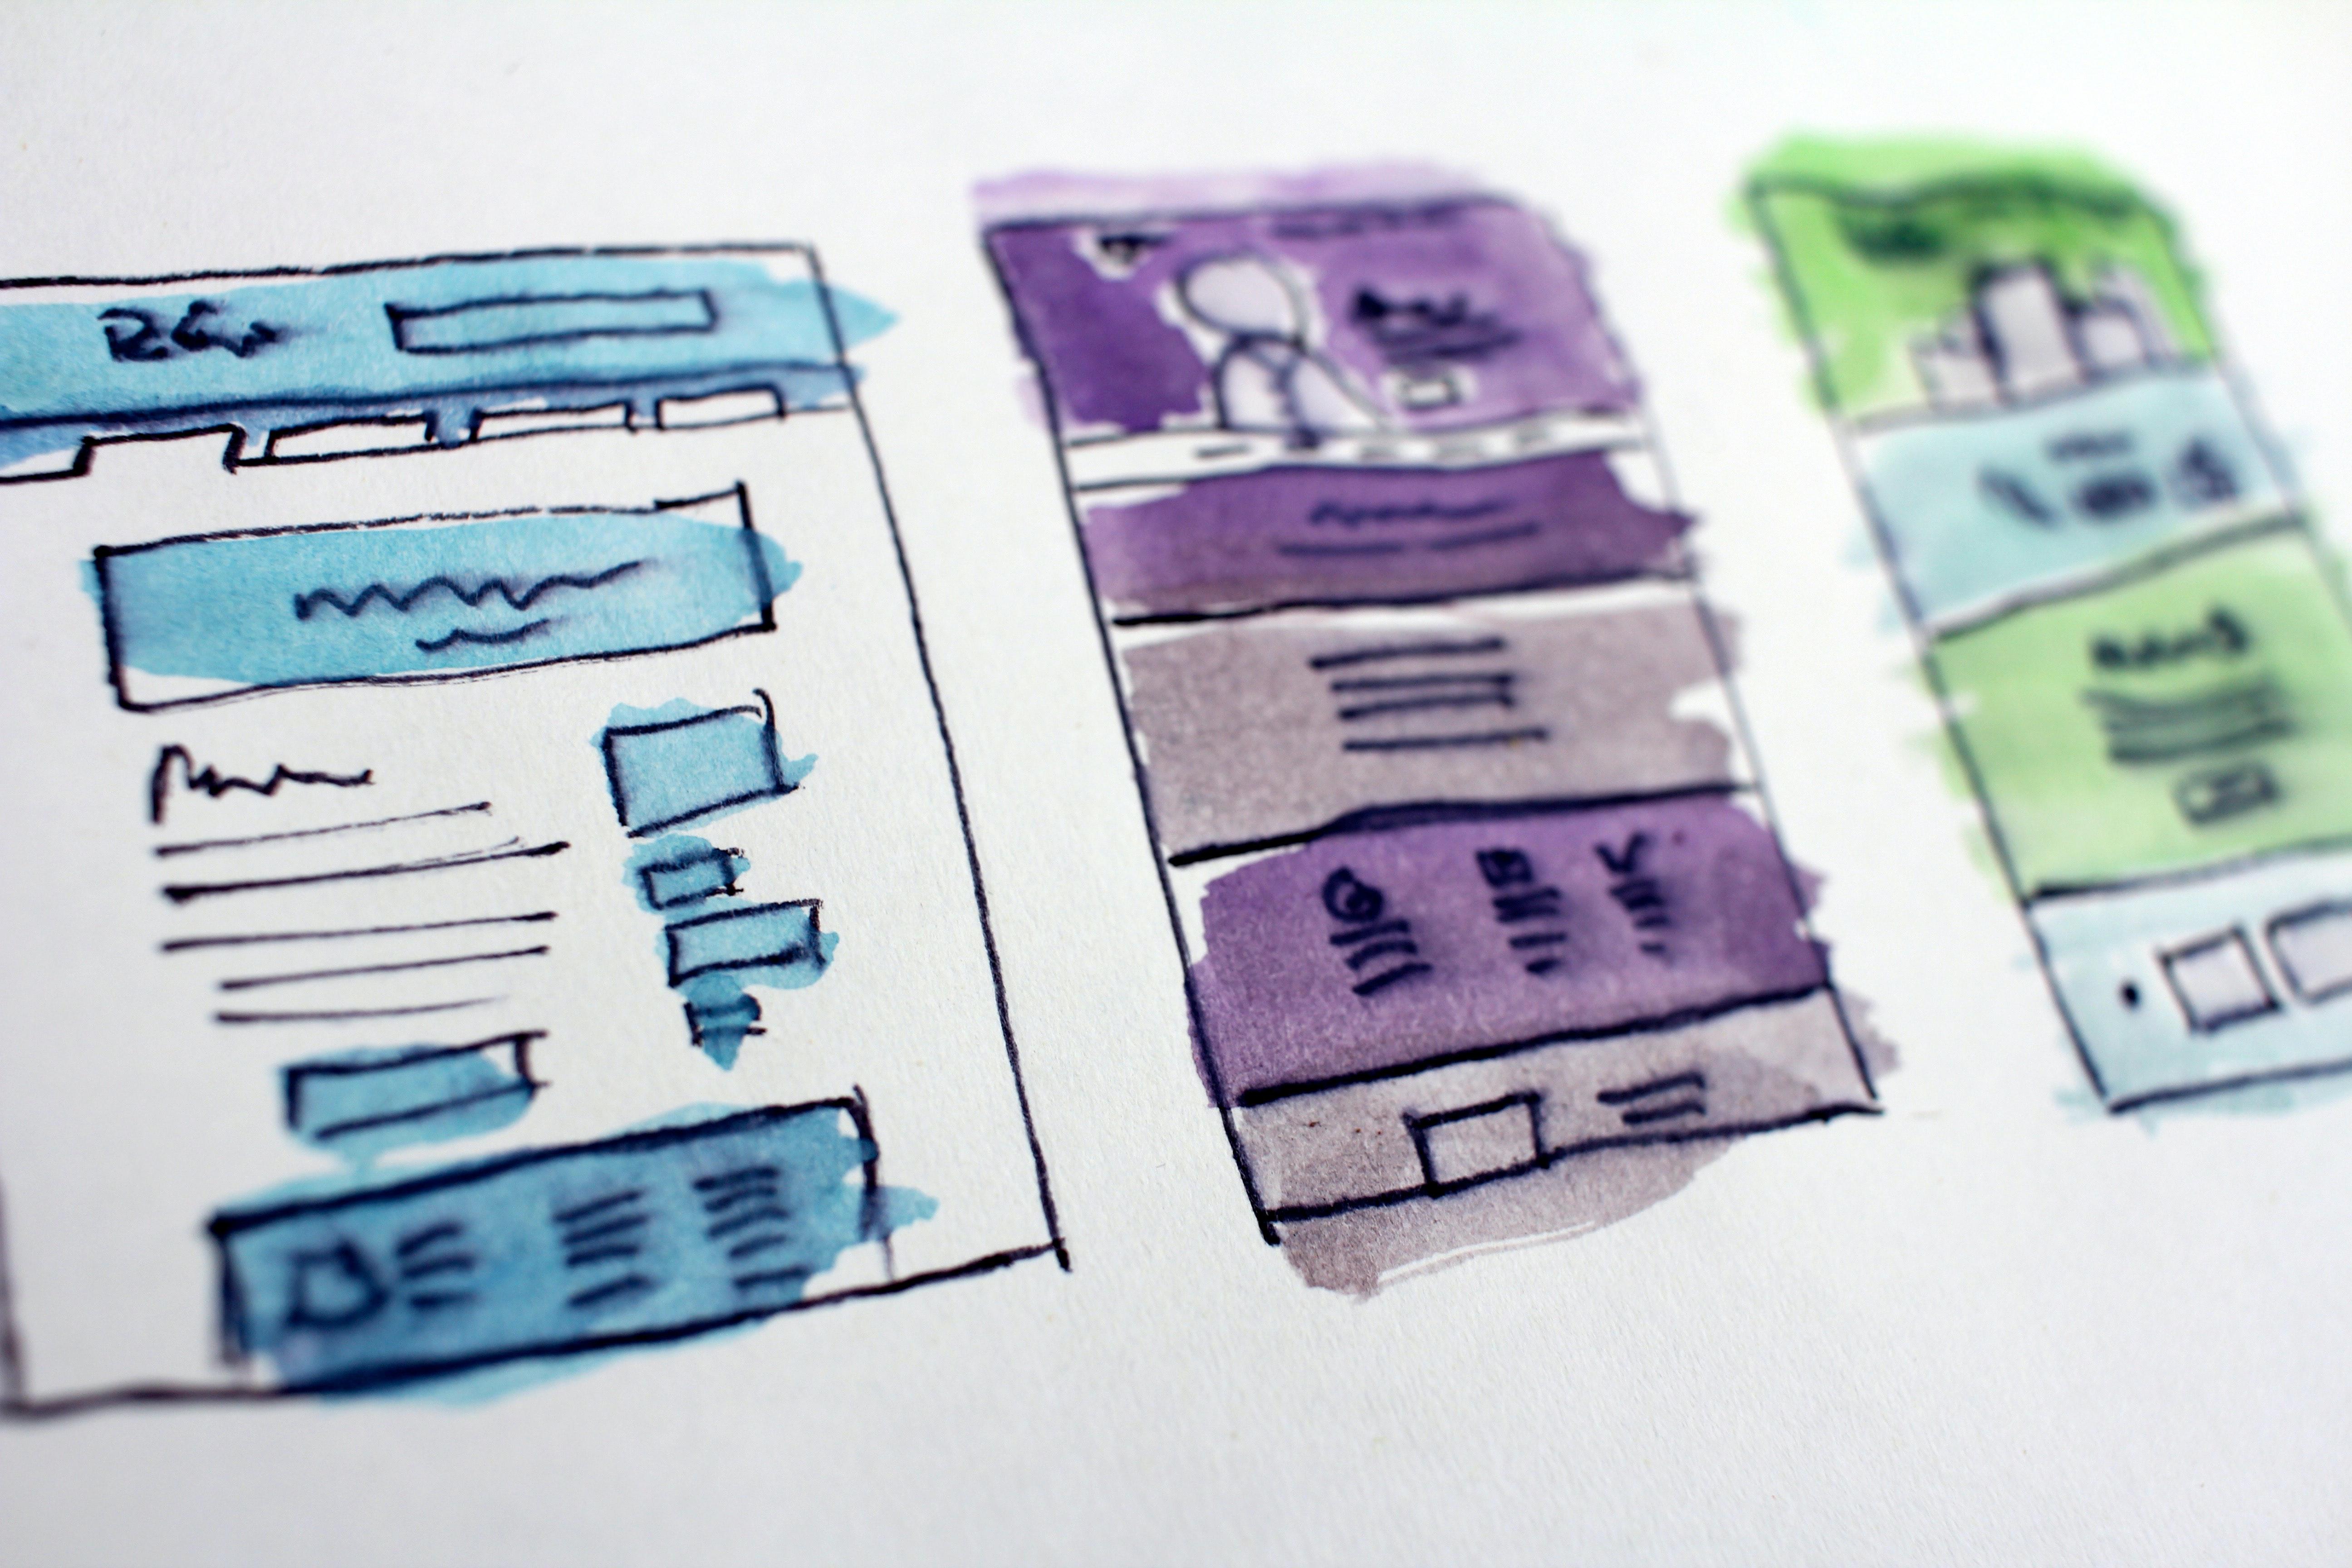 website design layouts